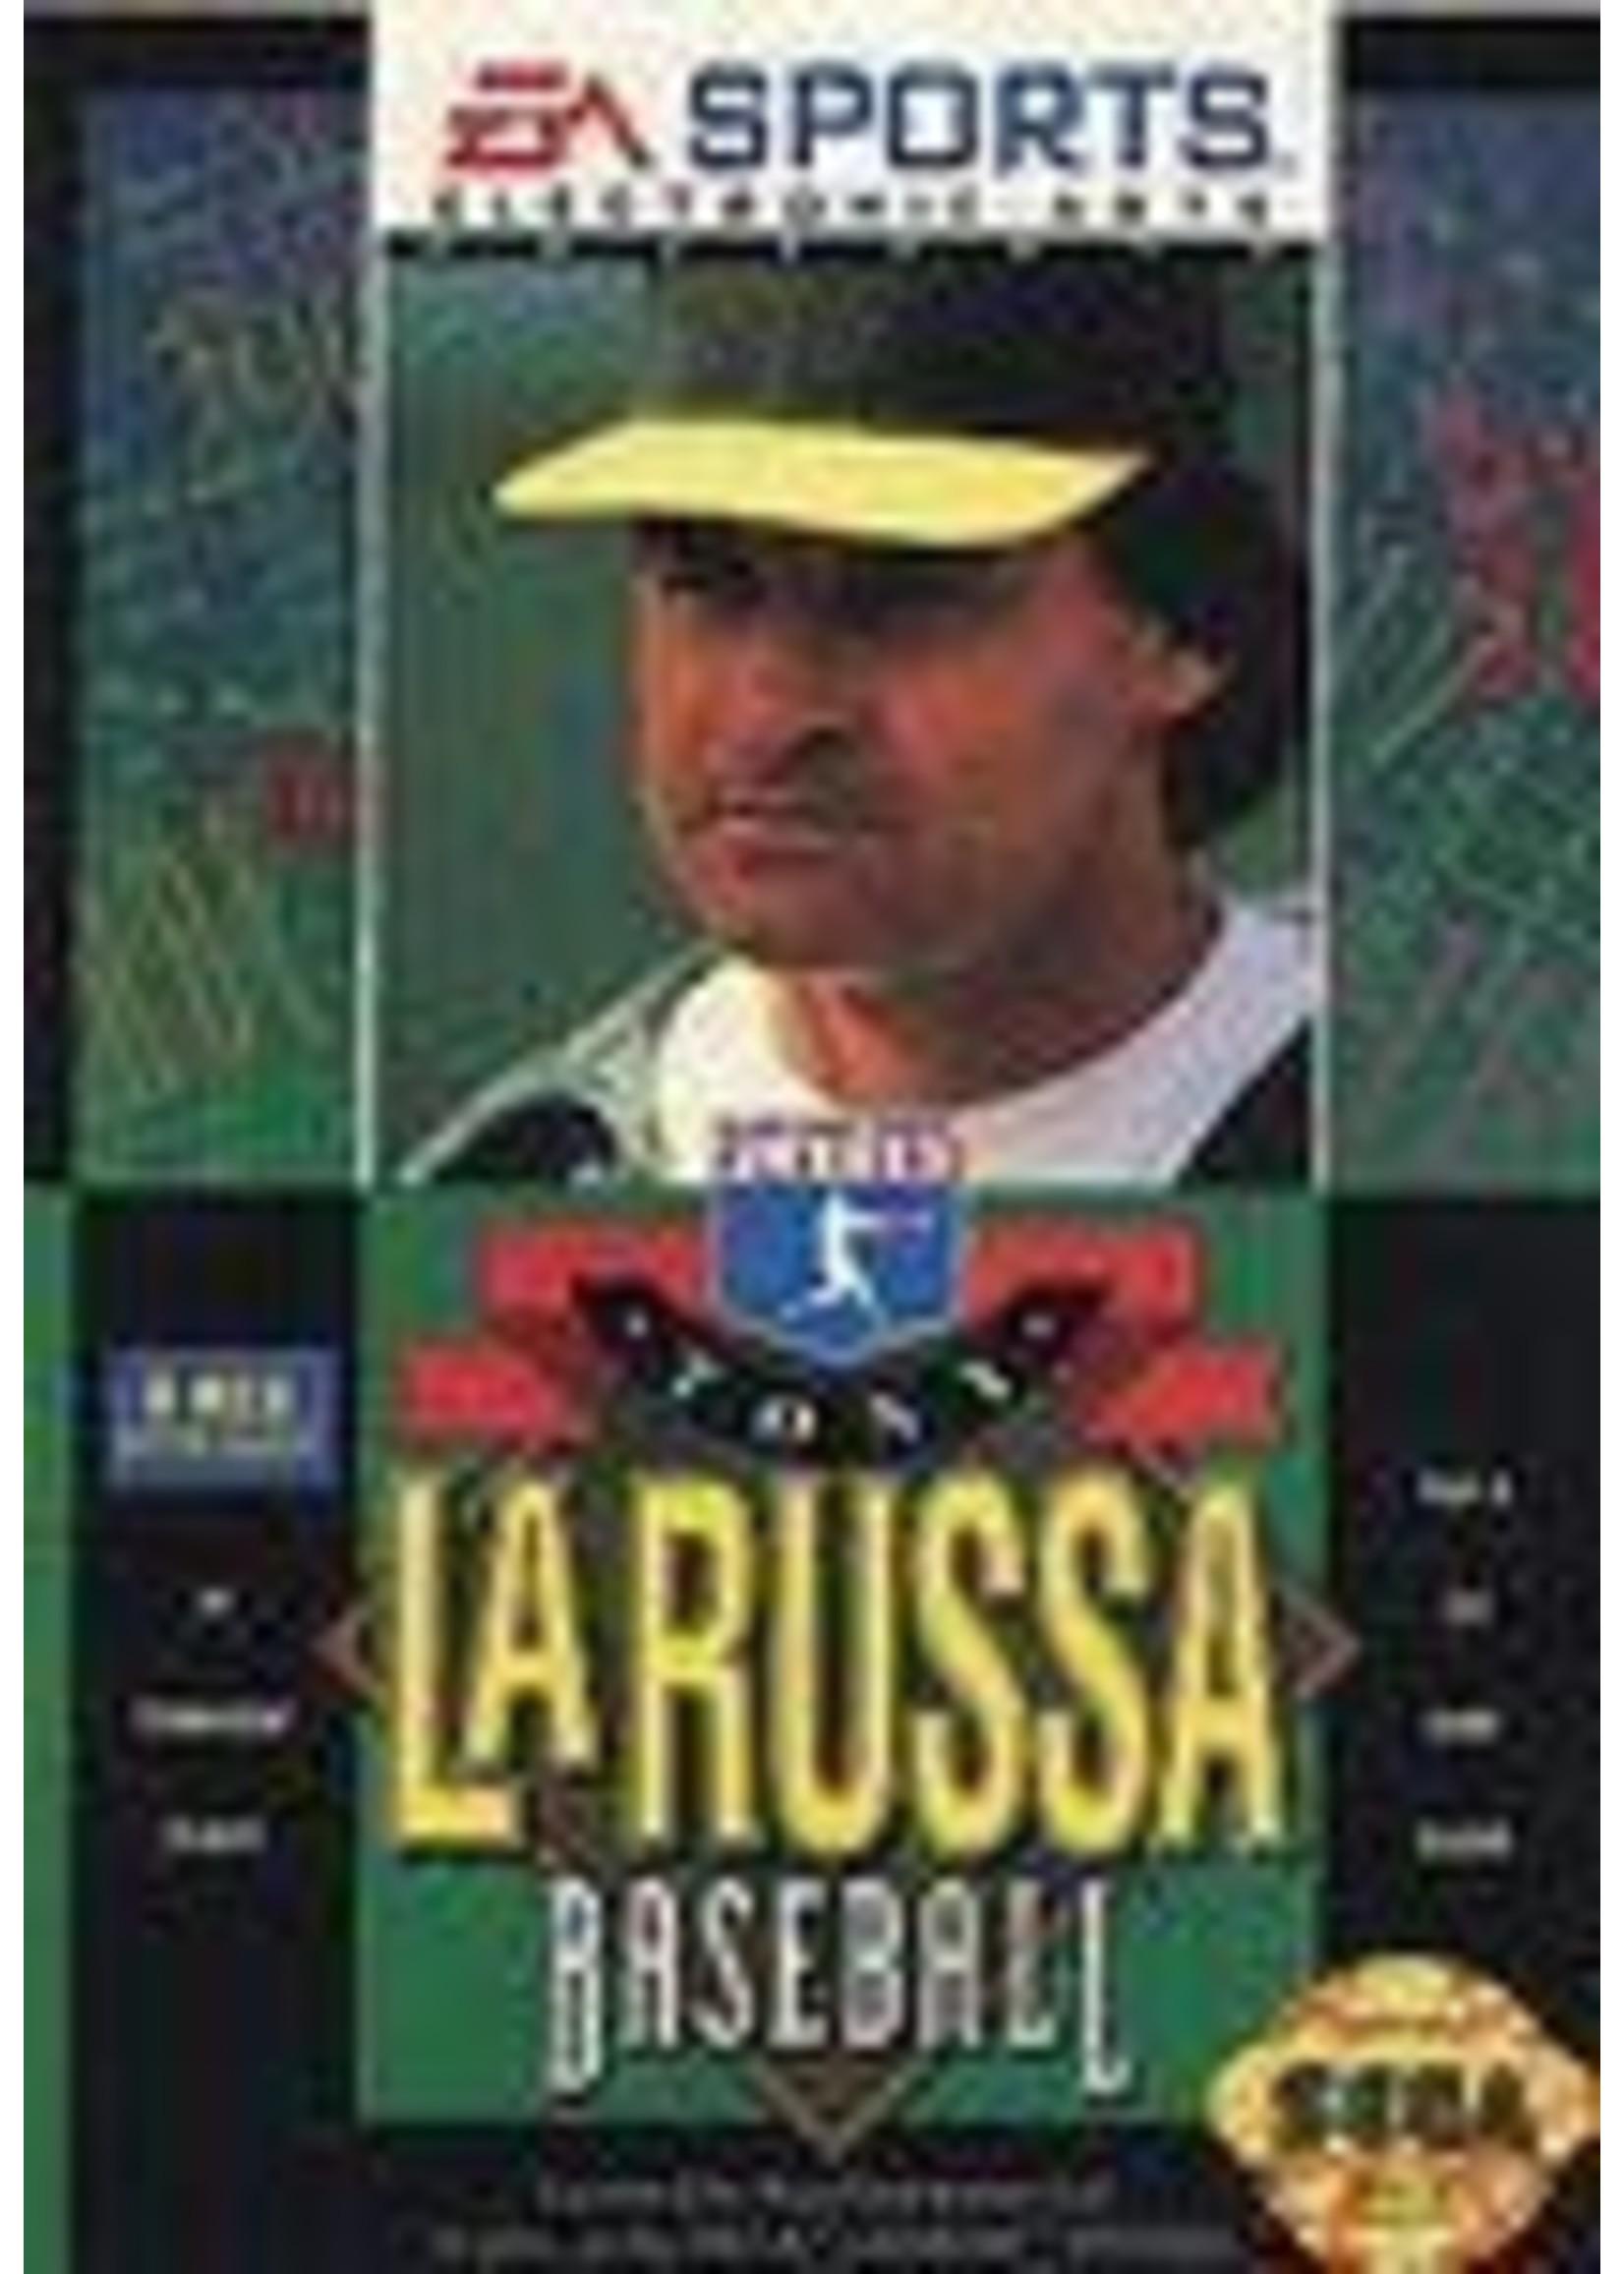 Tony La Russa Baseball Sega Genesis